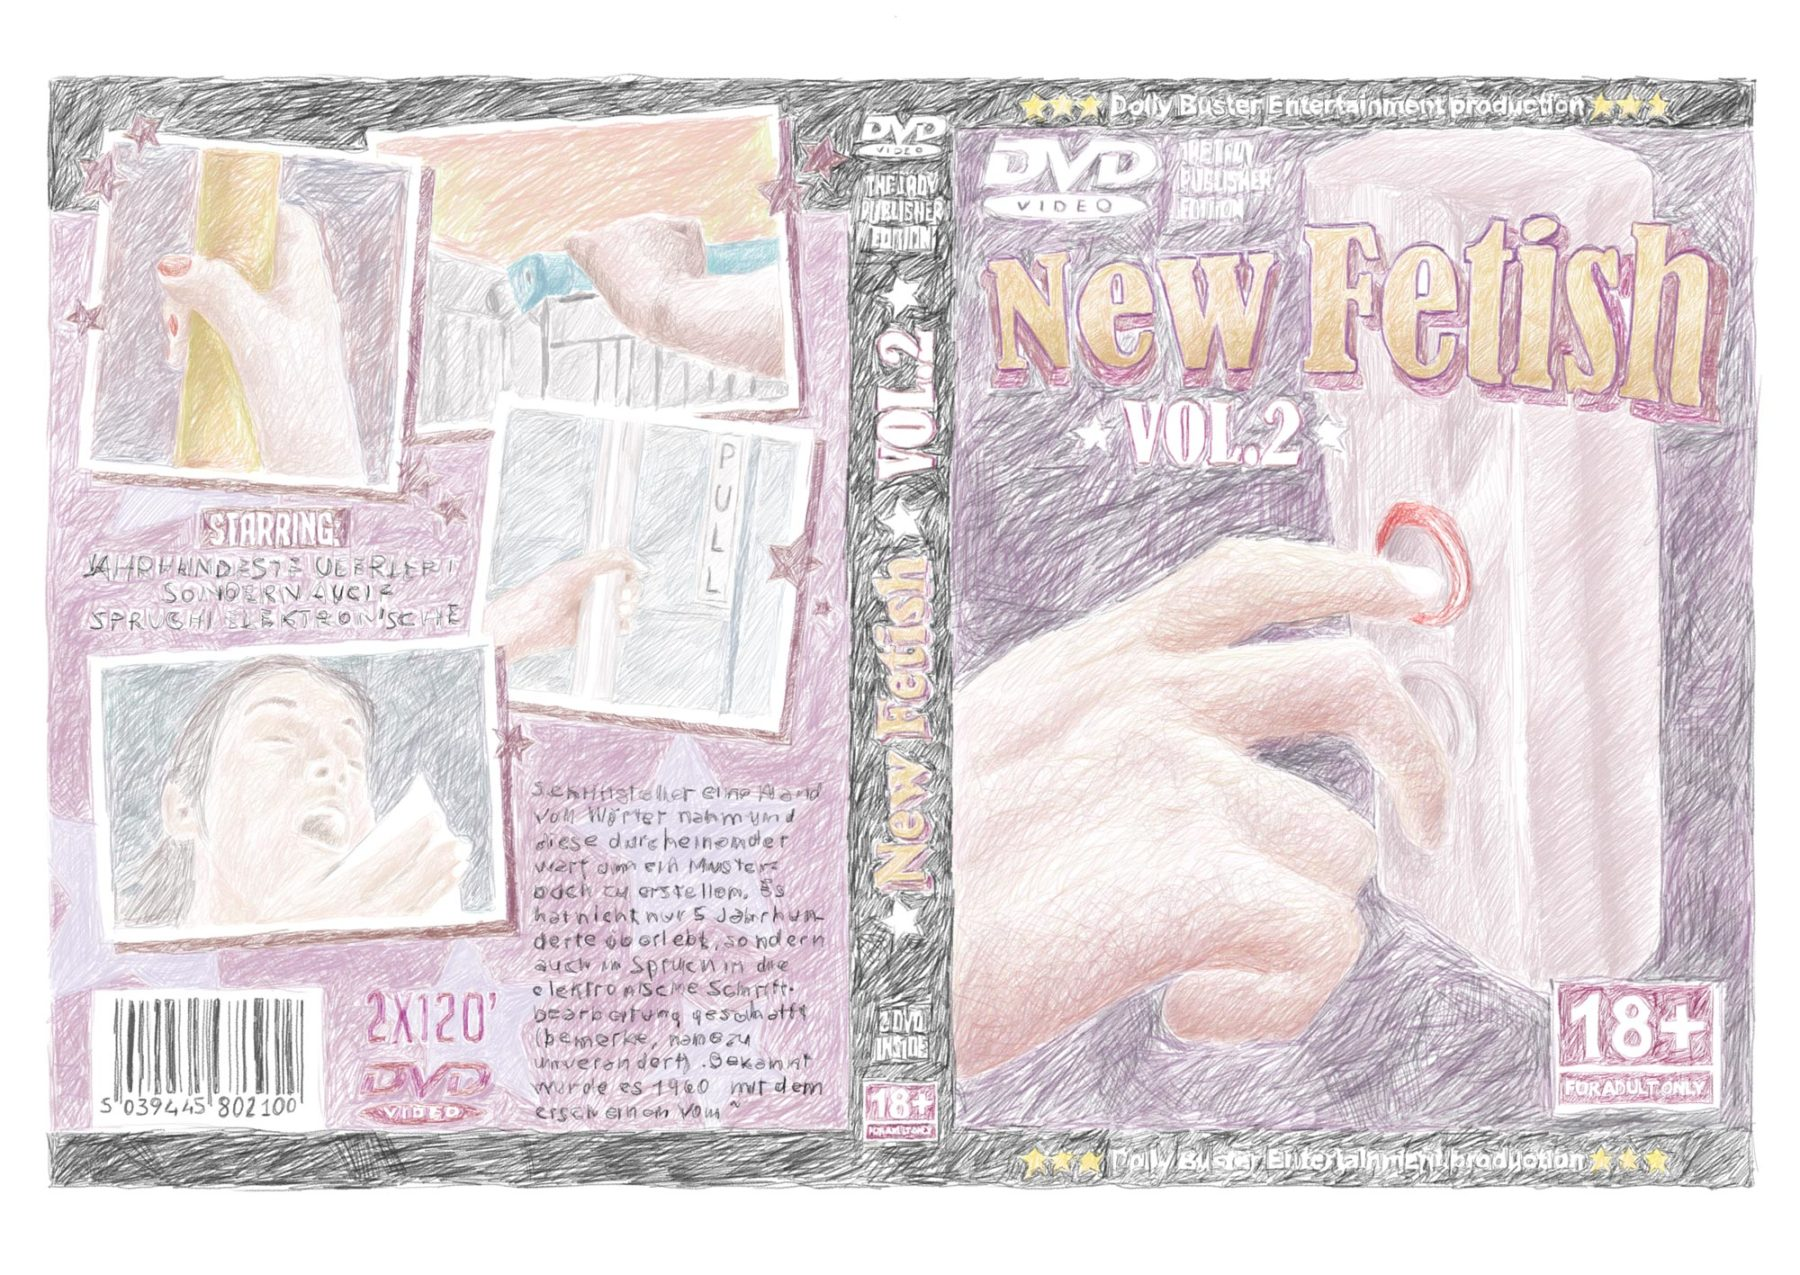 tommaso guerra new fetish dvd